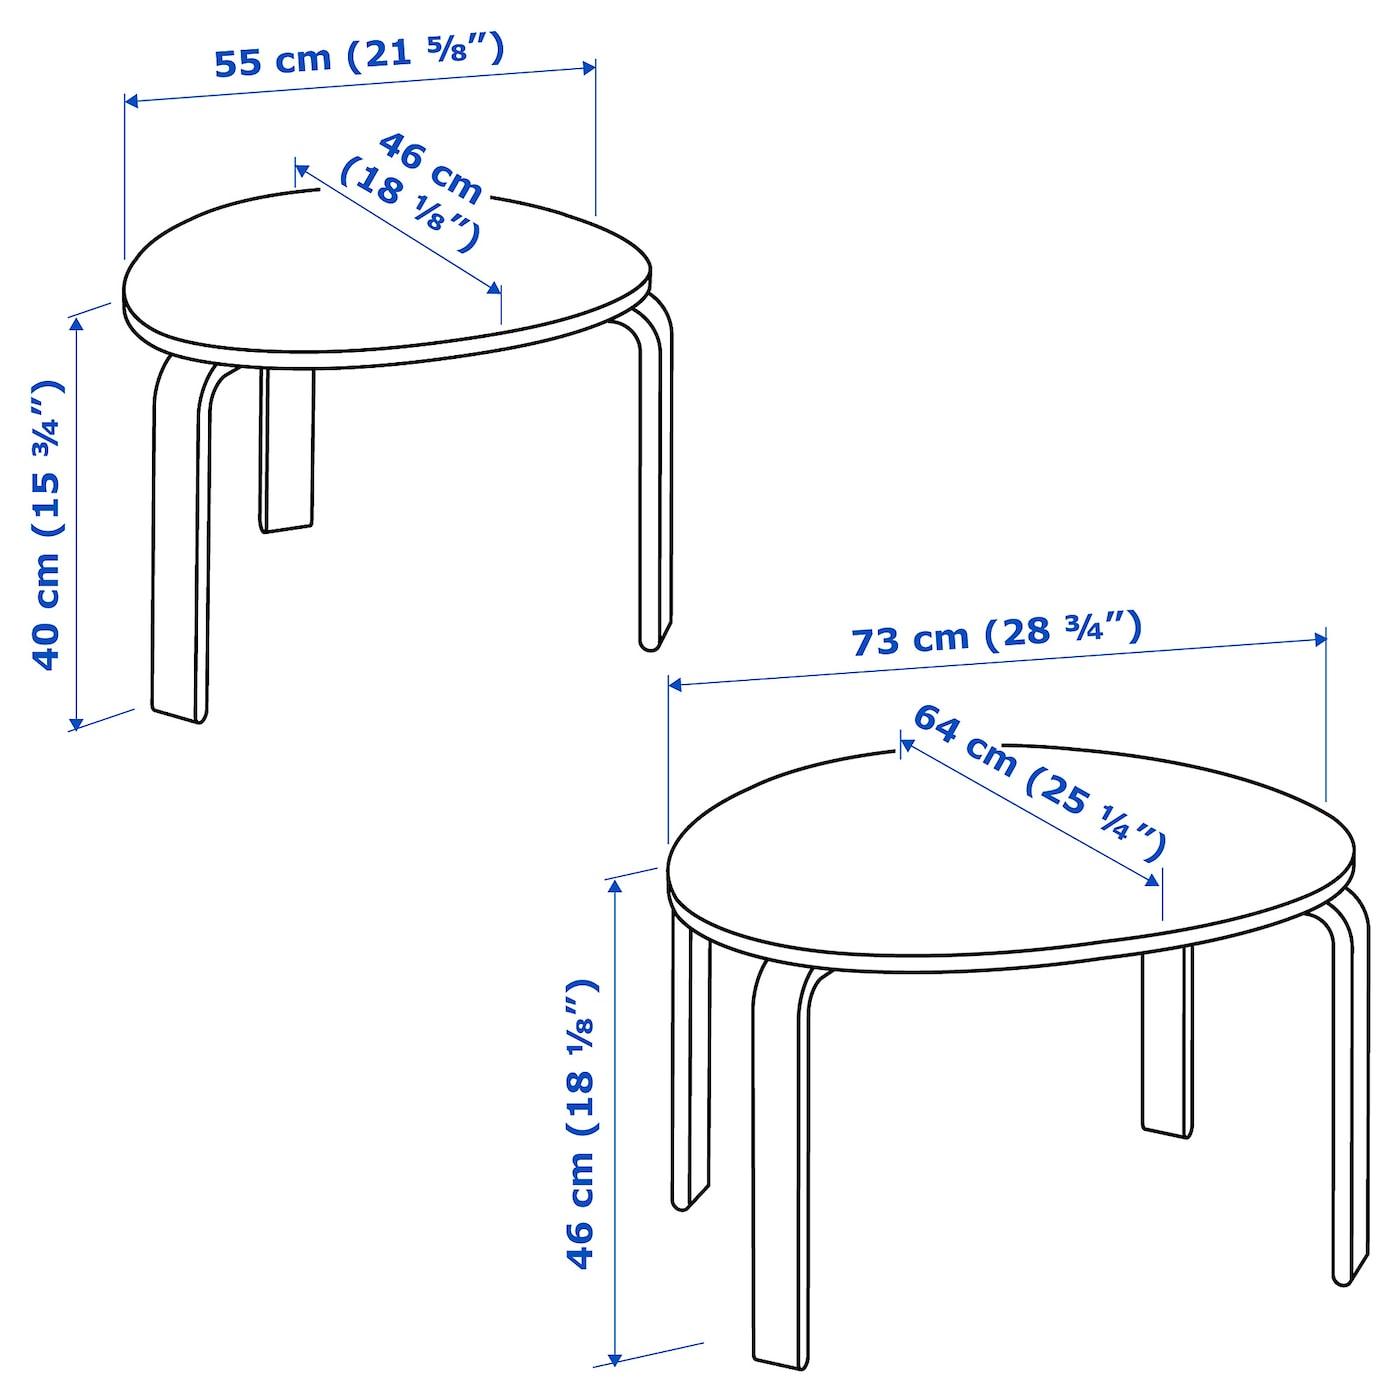 SVALSTA Satsbord, set om 2, björkfaner IKEA